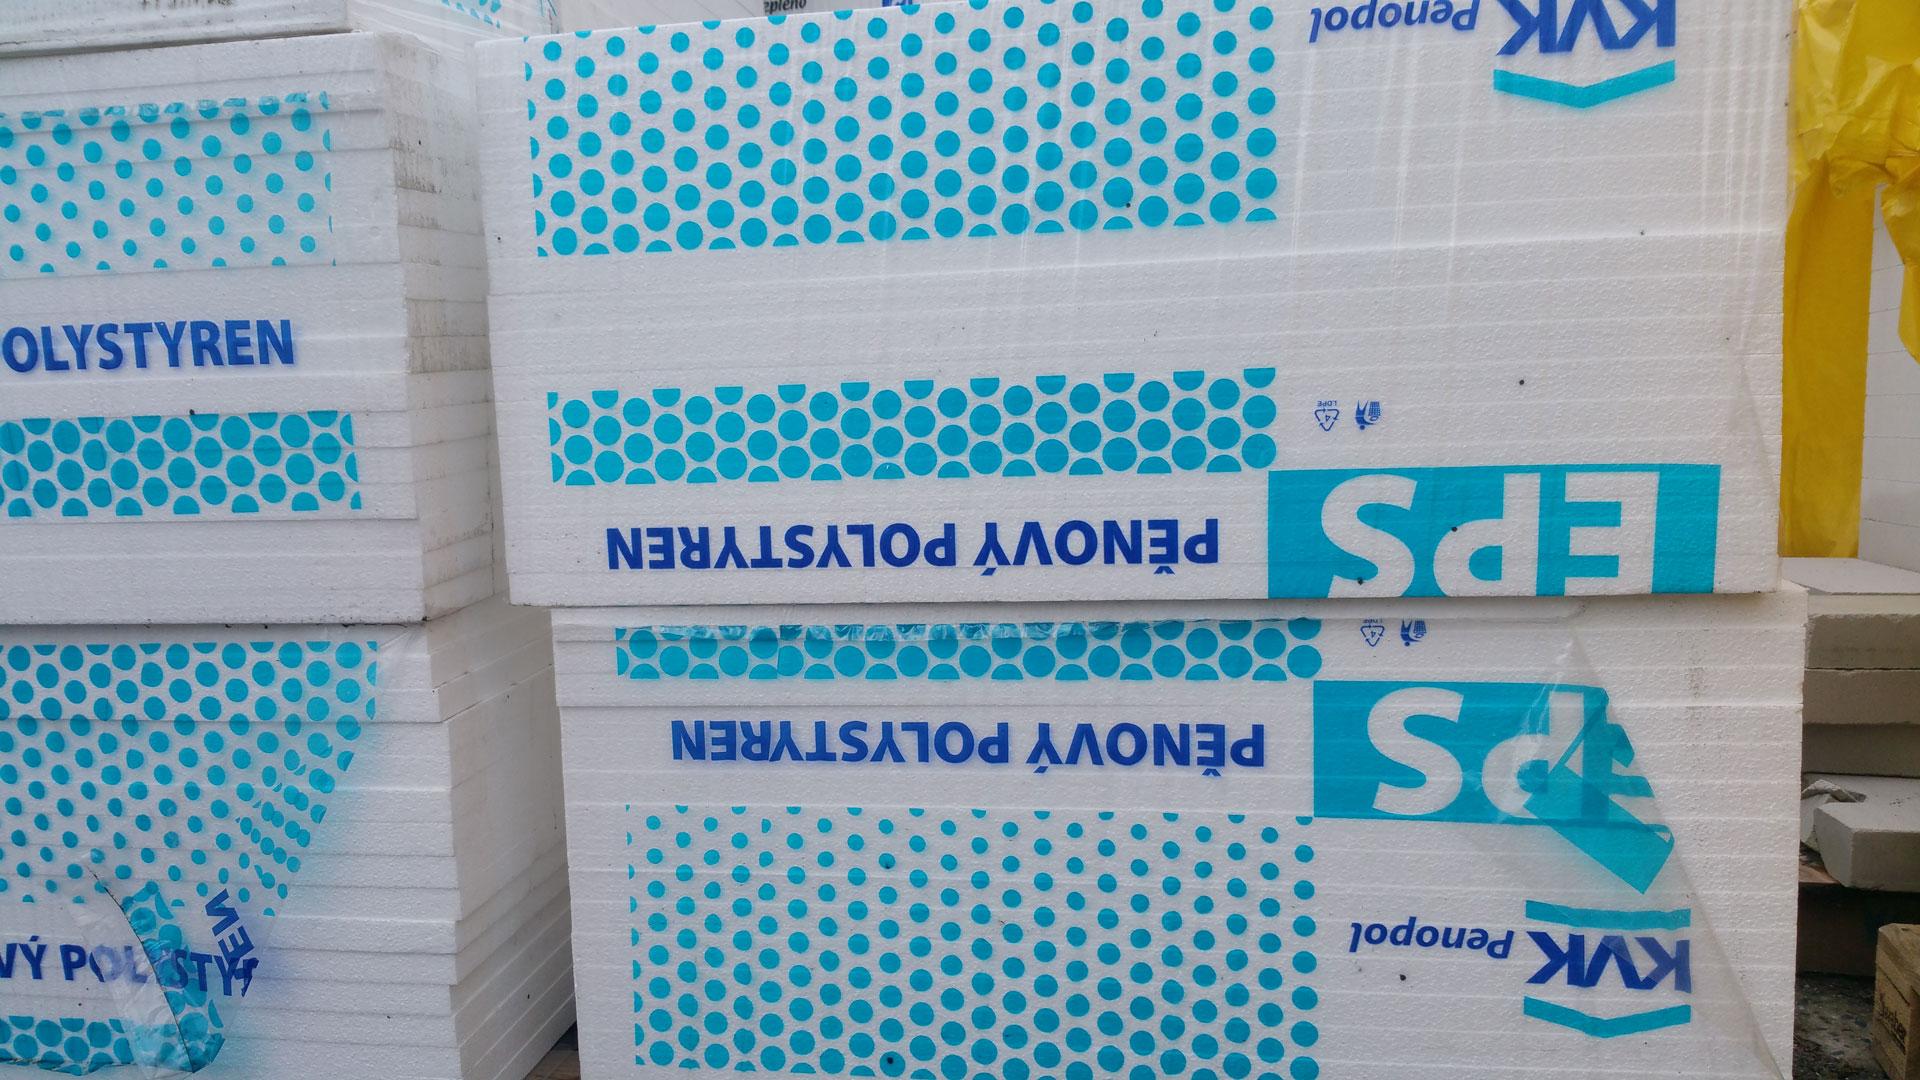 Zvoková izolace - Kročejova izolace z polystyrenu